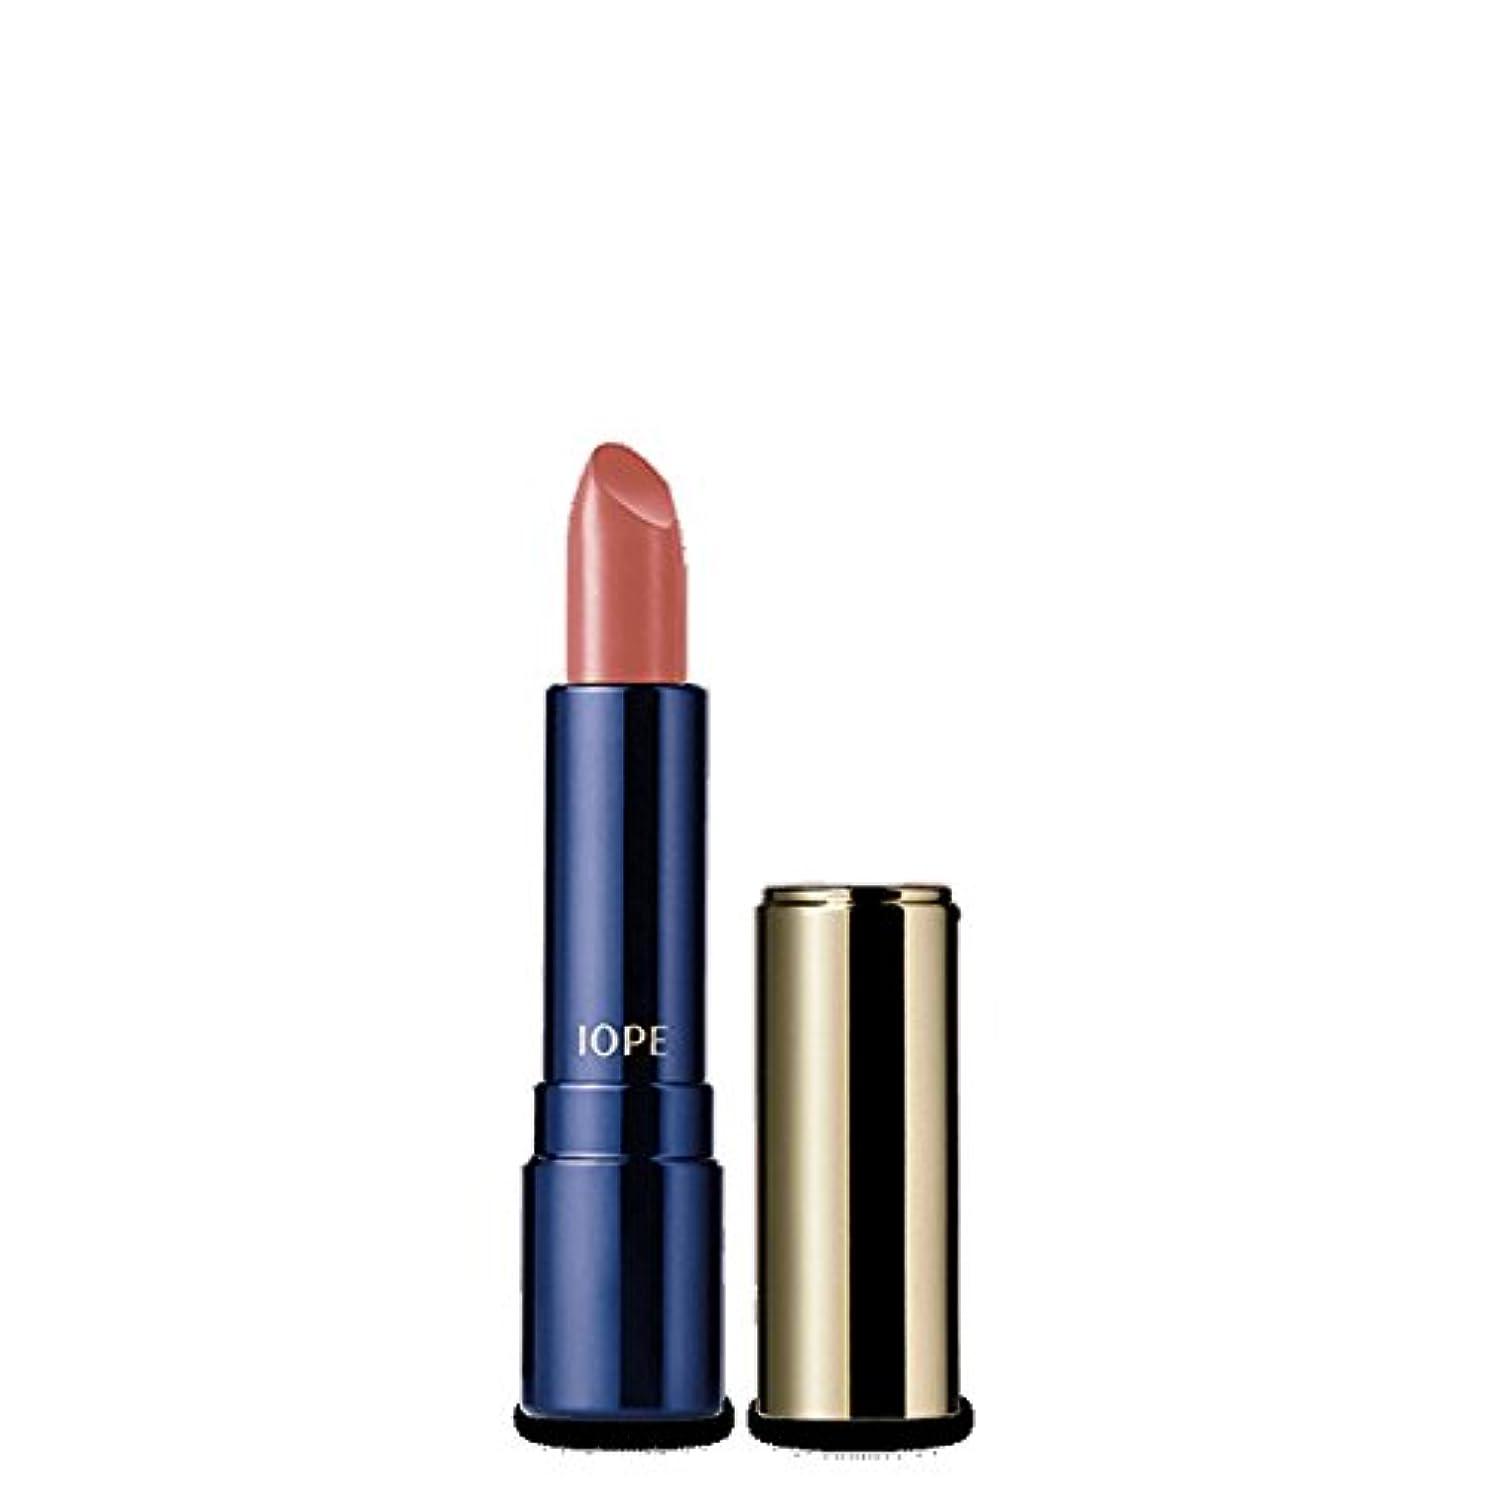 囚人区配るIOPE(アイオペ) Color Fit Lipstick - # 12 Mocha Beige 3.2g/0.107oz [海外直送品]